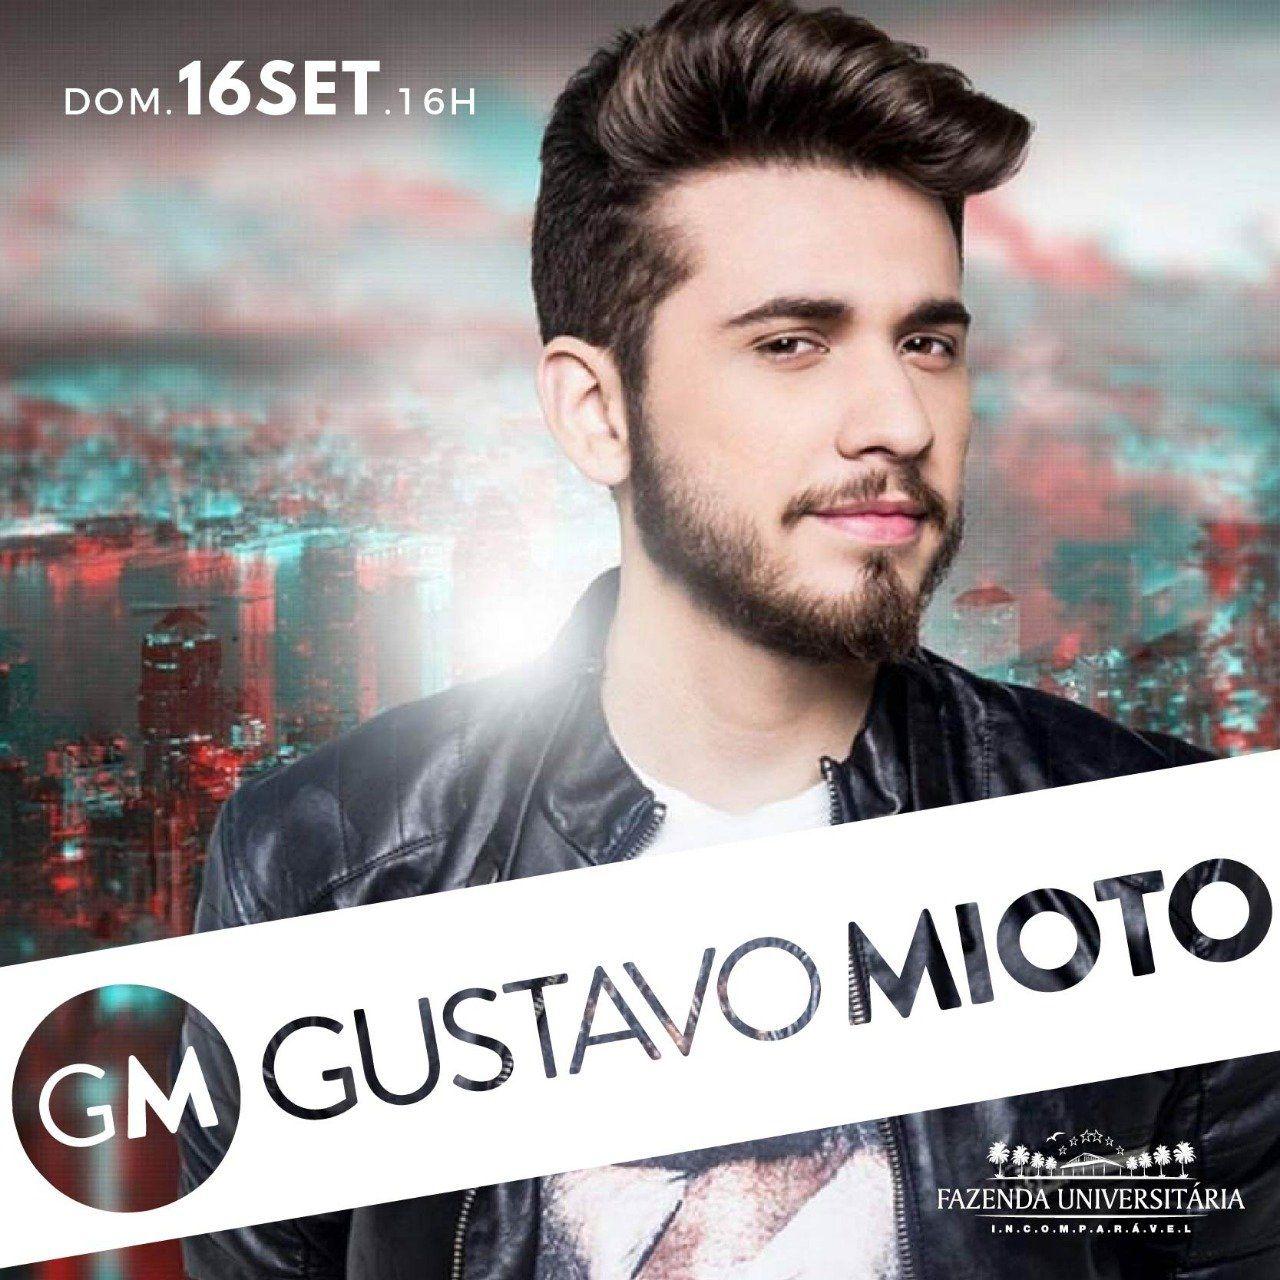 Gustavo Mioto -  Fazenda Universitária - 16/09/18 - Suzano - SP